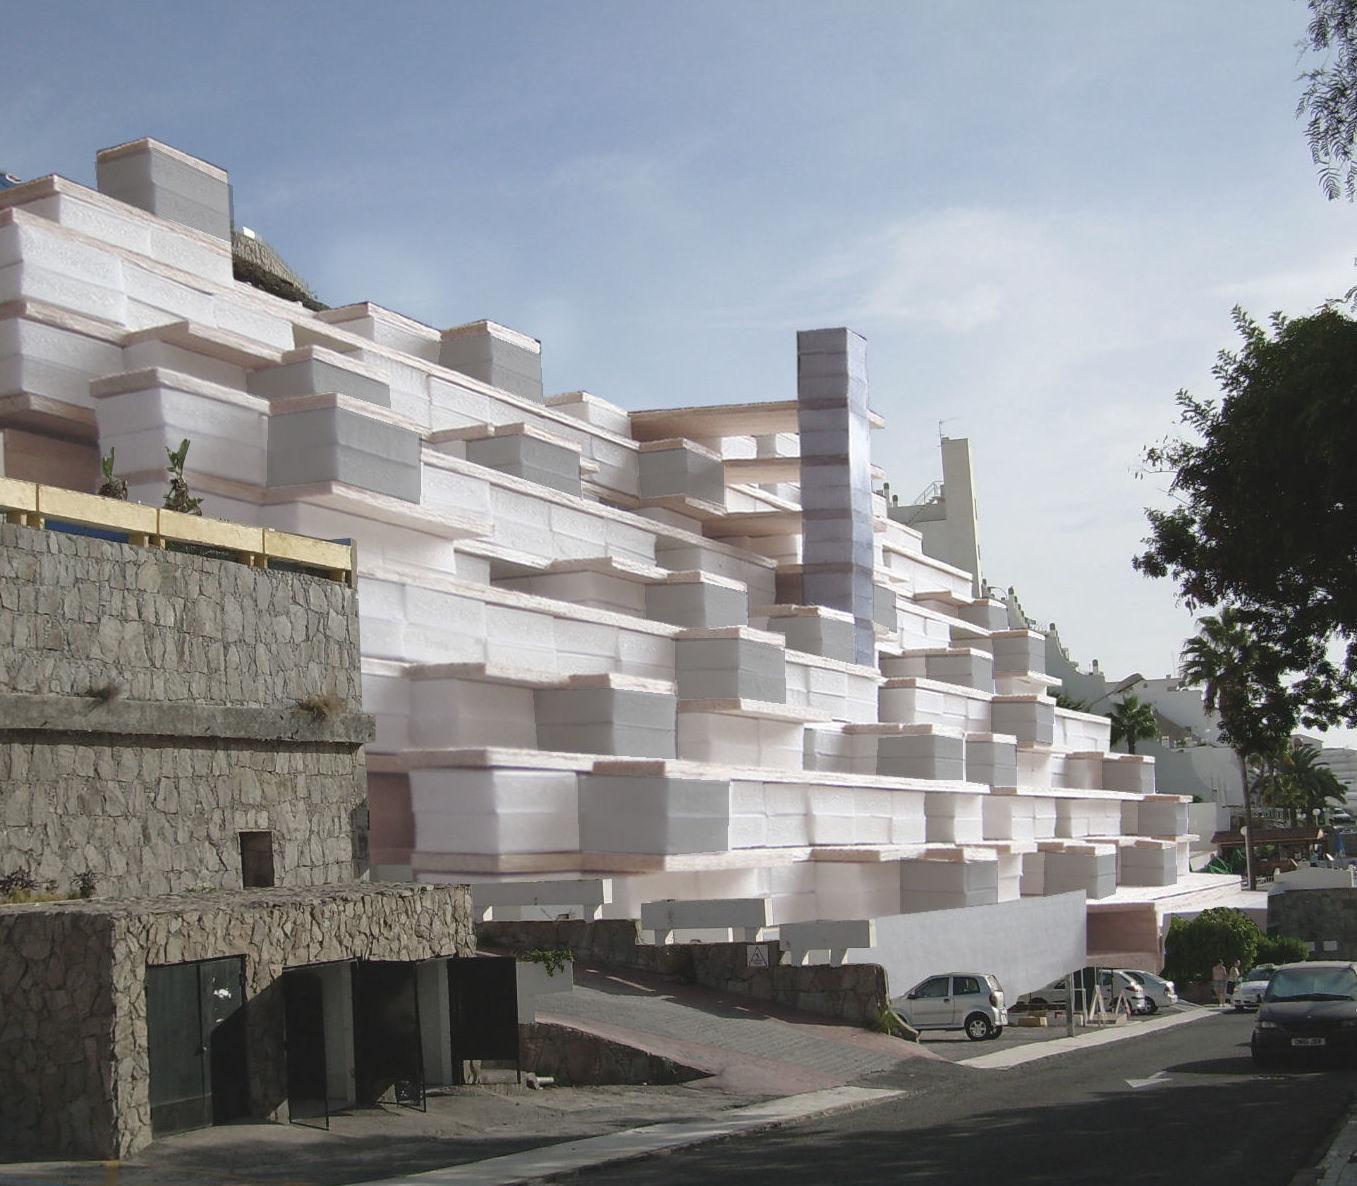 Foto 2 de Arquitectura y Urbanismo en Las Palmas de Gran Canaria | DCS Arquitectos